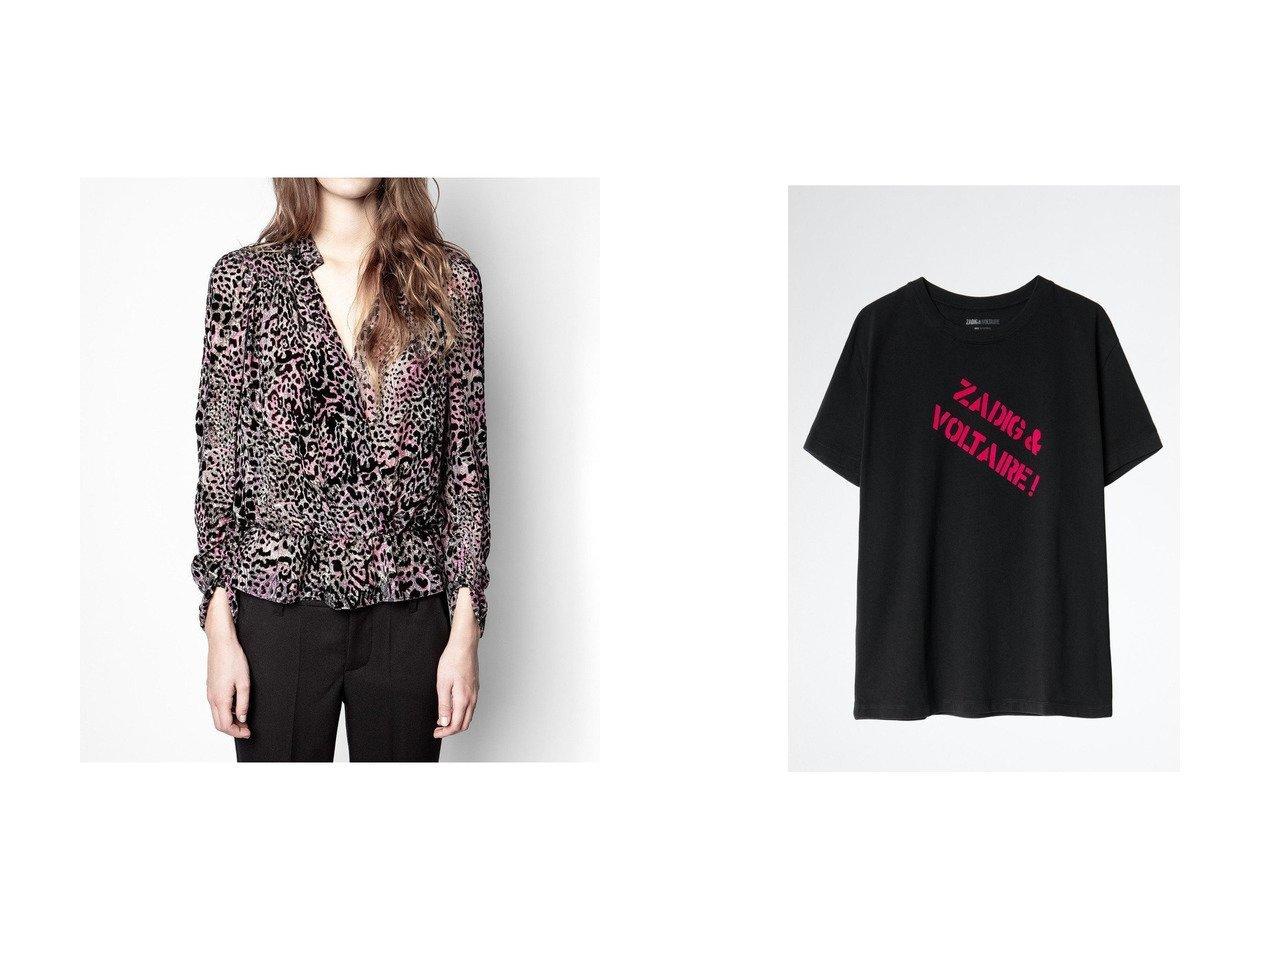 【ZADIG & VOLTAIRE/ザディグ エ ヴォルテール】のDYMA ZV BACKSTAGE T-SHIRT COTON FLOCK Tシャツ&TORI VELOURS DEVORE TOP CACHE COEUR ブラウス トップス・カットソーのおすすめ!人気、レディースファッションの通販 おすすめで人気のファッション通販商品 インテリア・家具・キッズファッション・メンズファッション・レディースファッション・服の通販 founy(ファニー) https://founy.com/ ファッション Fashion レディース WOMEN トップス Tops Tshirt シャツ/ブラウス Shirts Blouses ベロア Velour カットソー Cut and Sewn スリーブ ロング ショート |ID:crp329100000001884